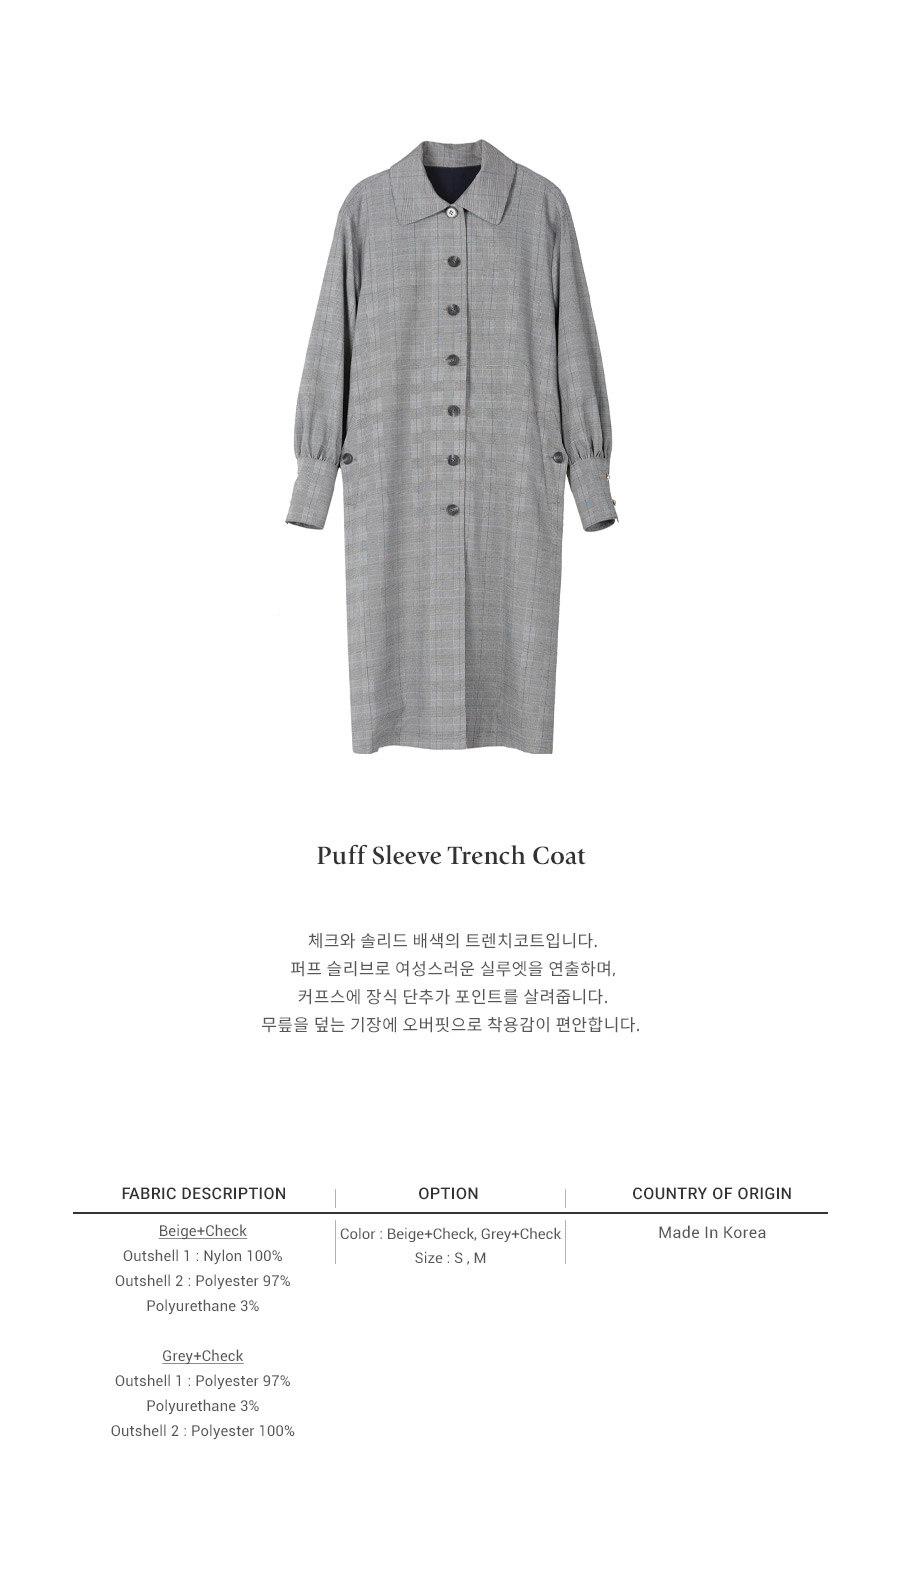 레이브(RAIVE) Puff Sleeve Trench Coat (Grey+Check)_VW8AR0120